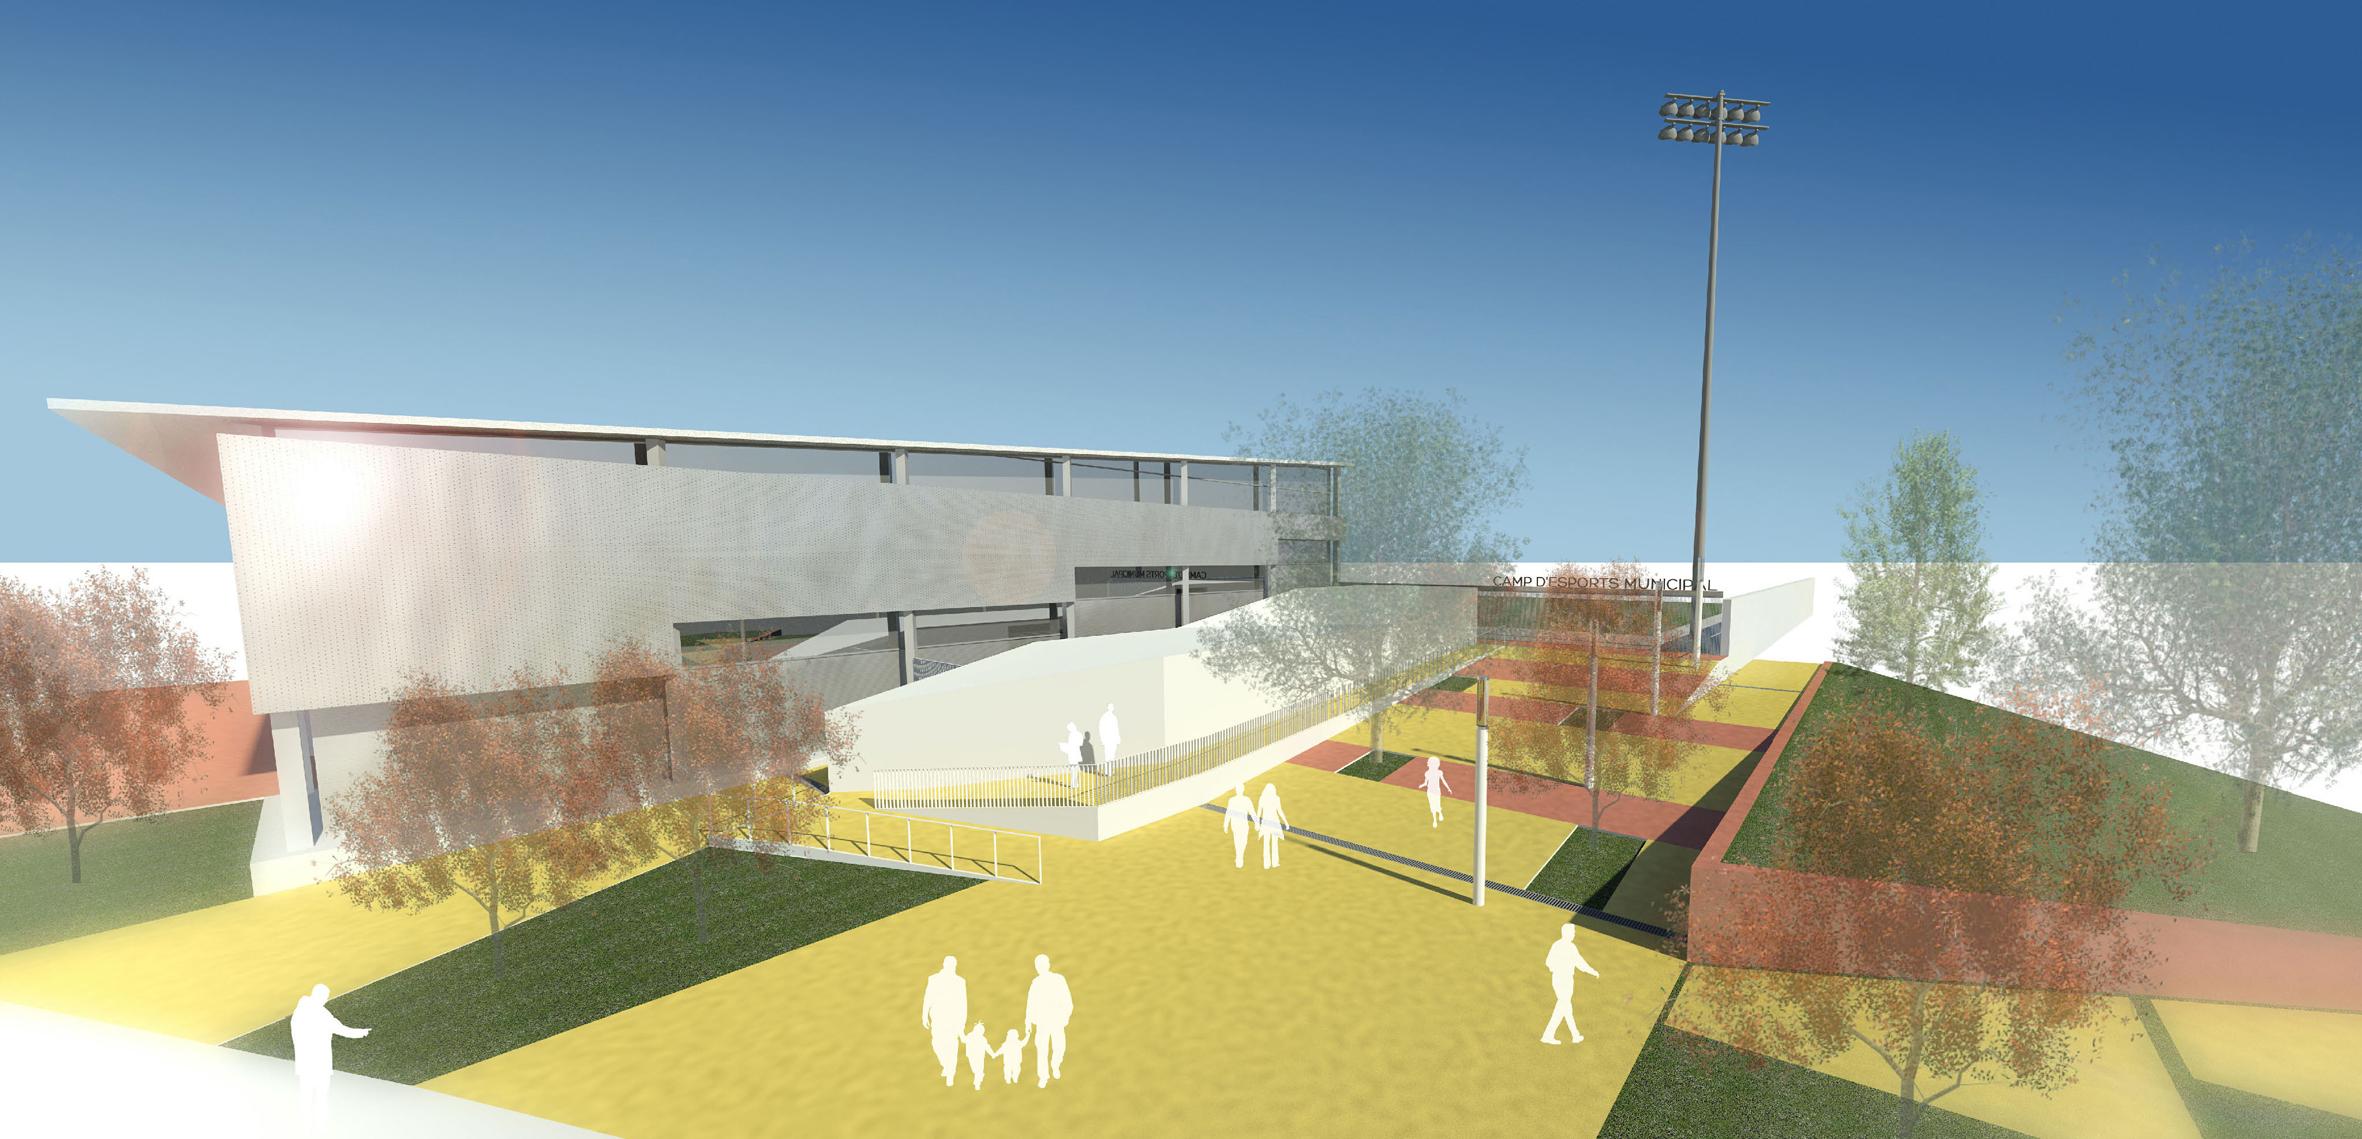 S'inicien les obres del nou edifici per millorar usos i accessos de la zona esportiva de Roses